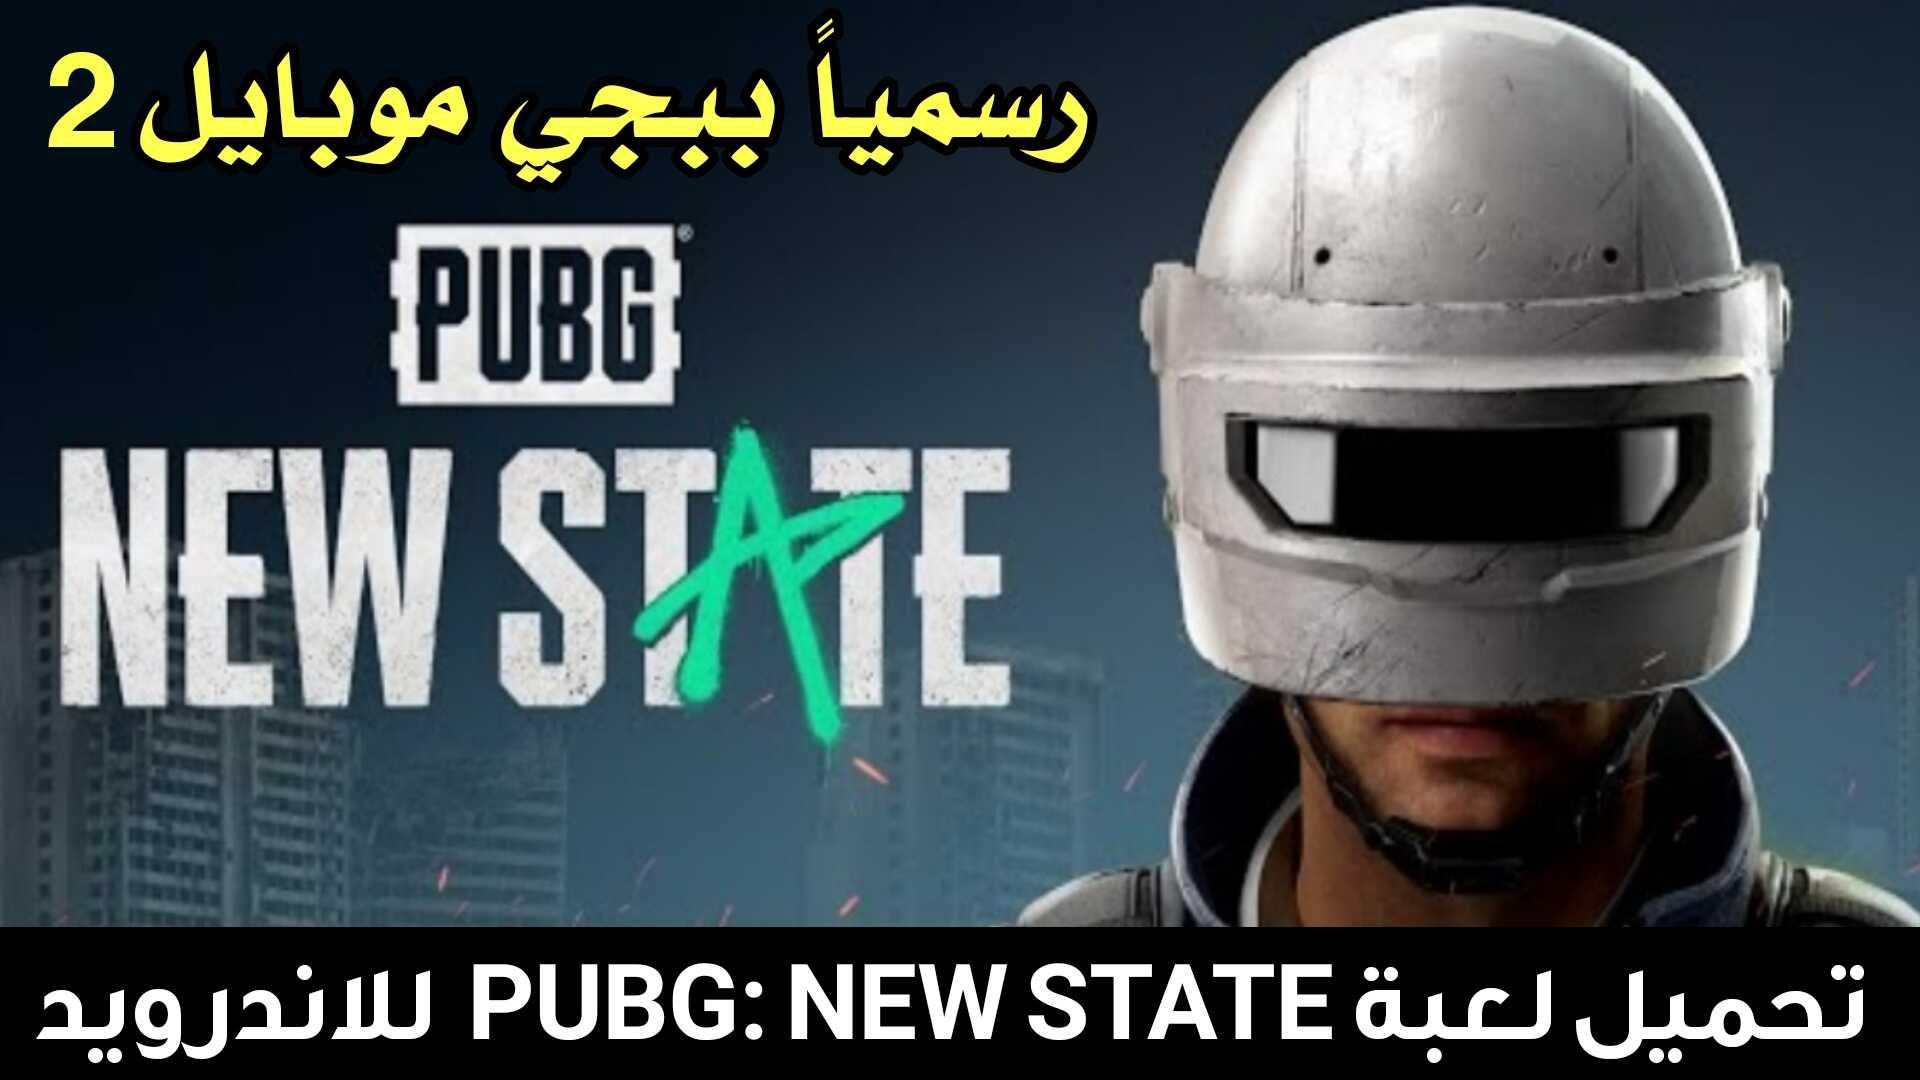 لعبة PUBG: NEW STATE الاصدار الثاني من لعبة ببجي موبايل